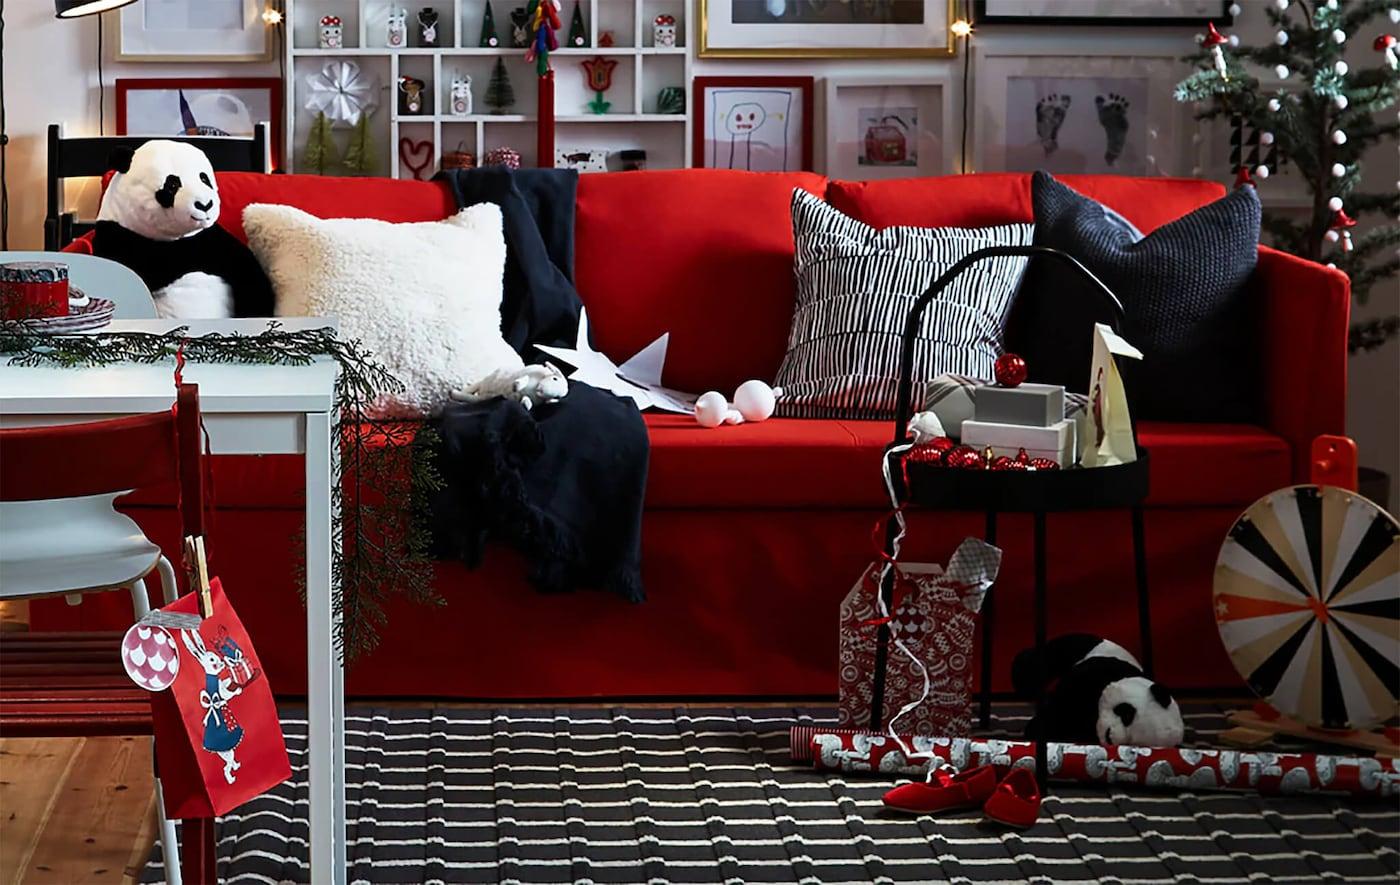 Гостиная в красно-бело-черной гамме со множеством уникальных деталей и многофункциональной мебелью, благодаря которым в комнате царит атмосфера тепла и уюта.